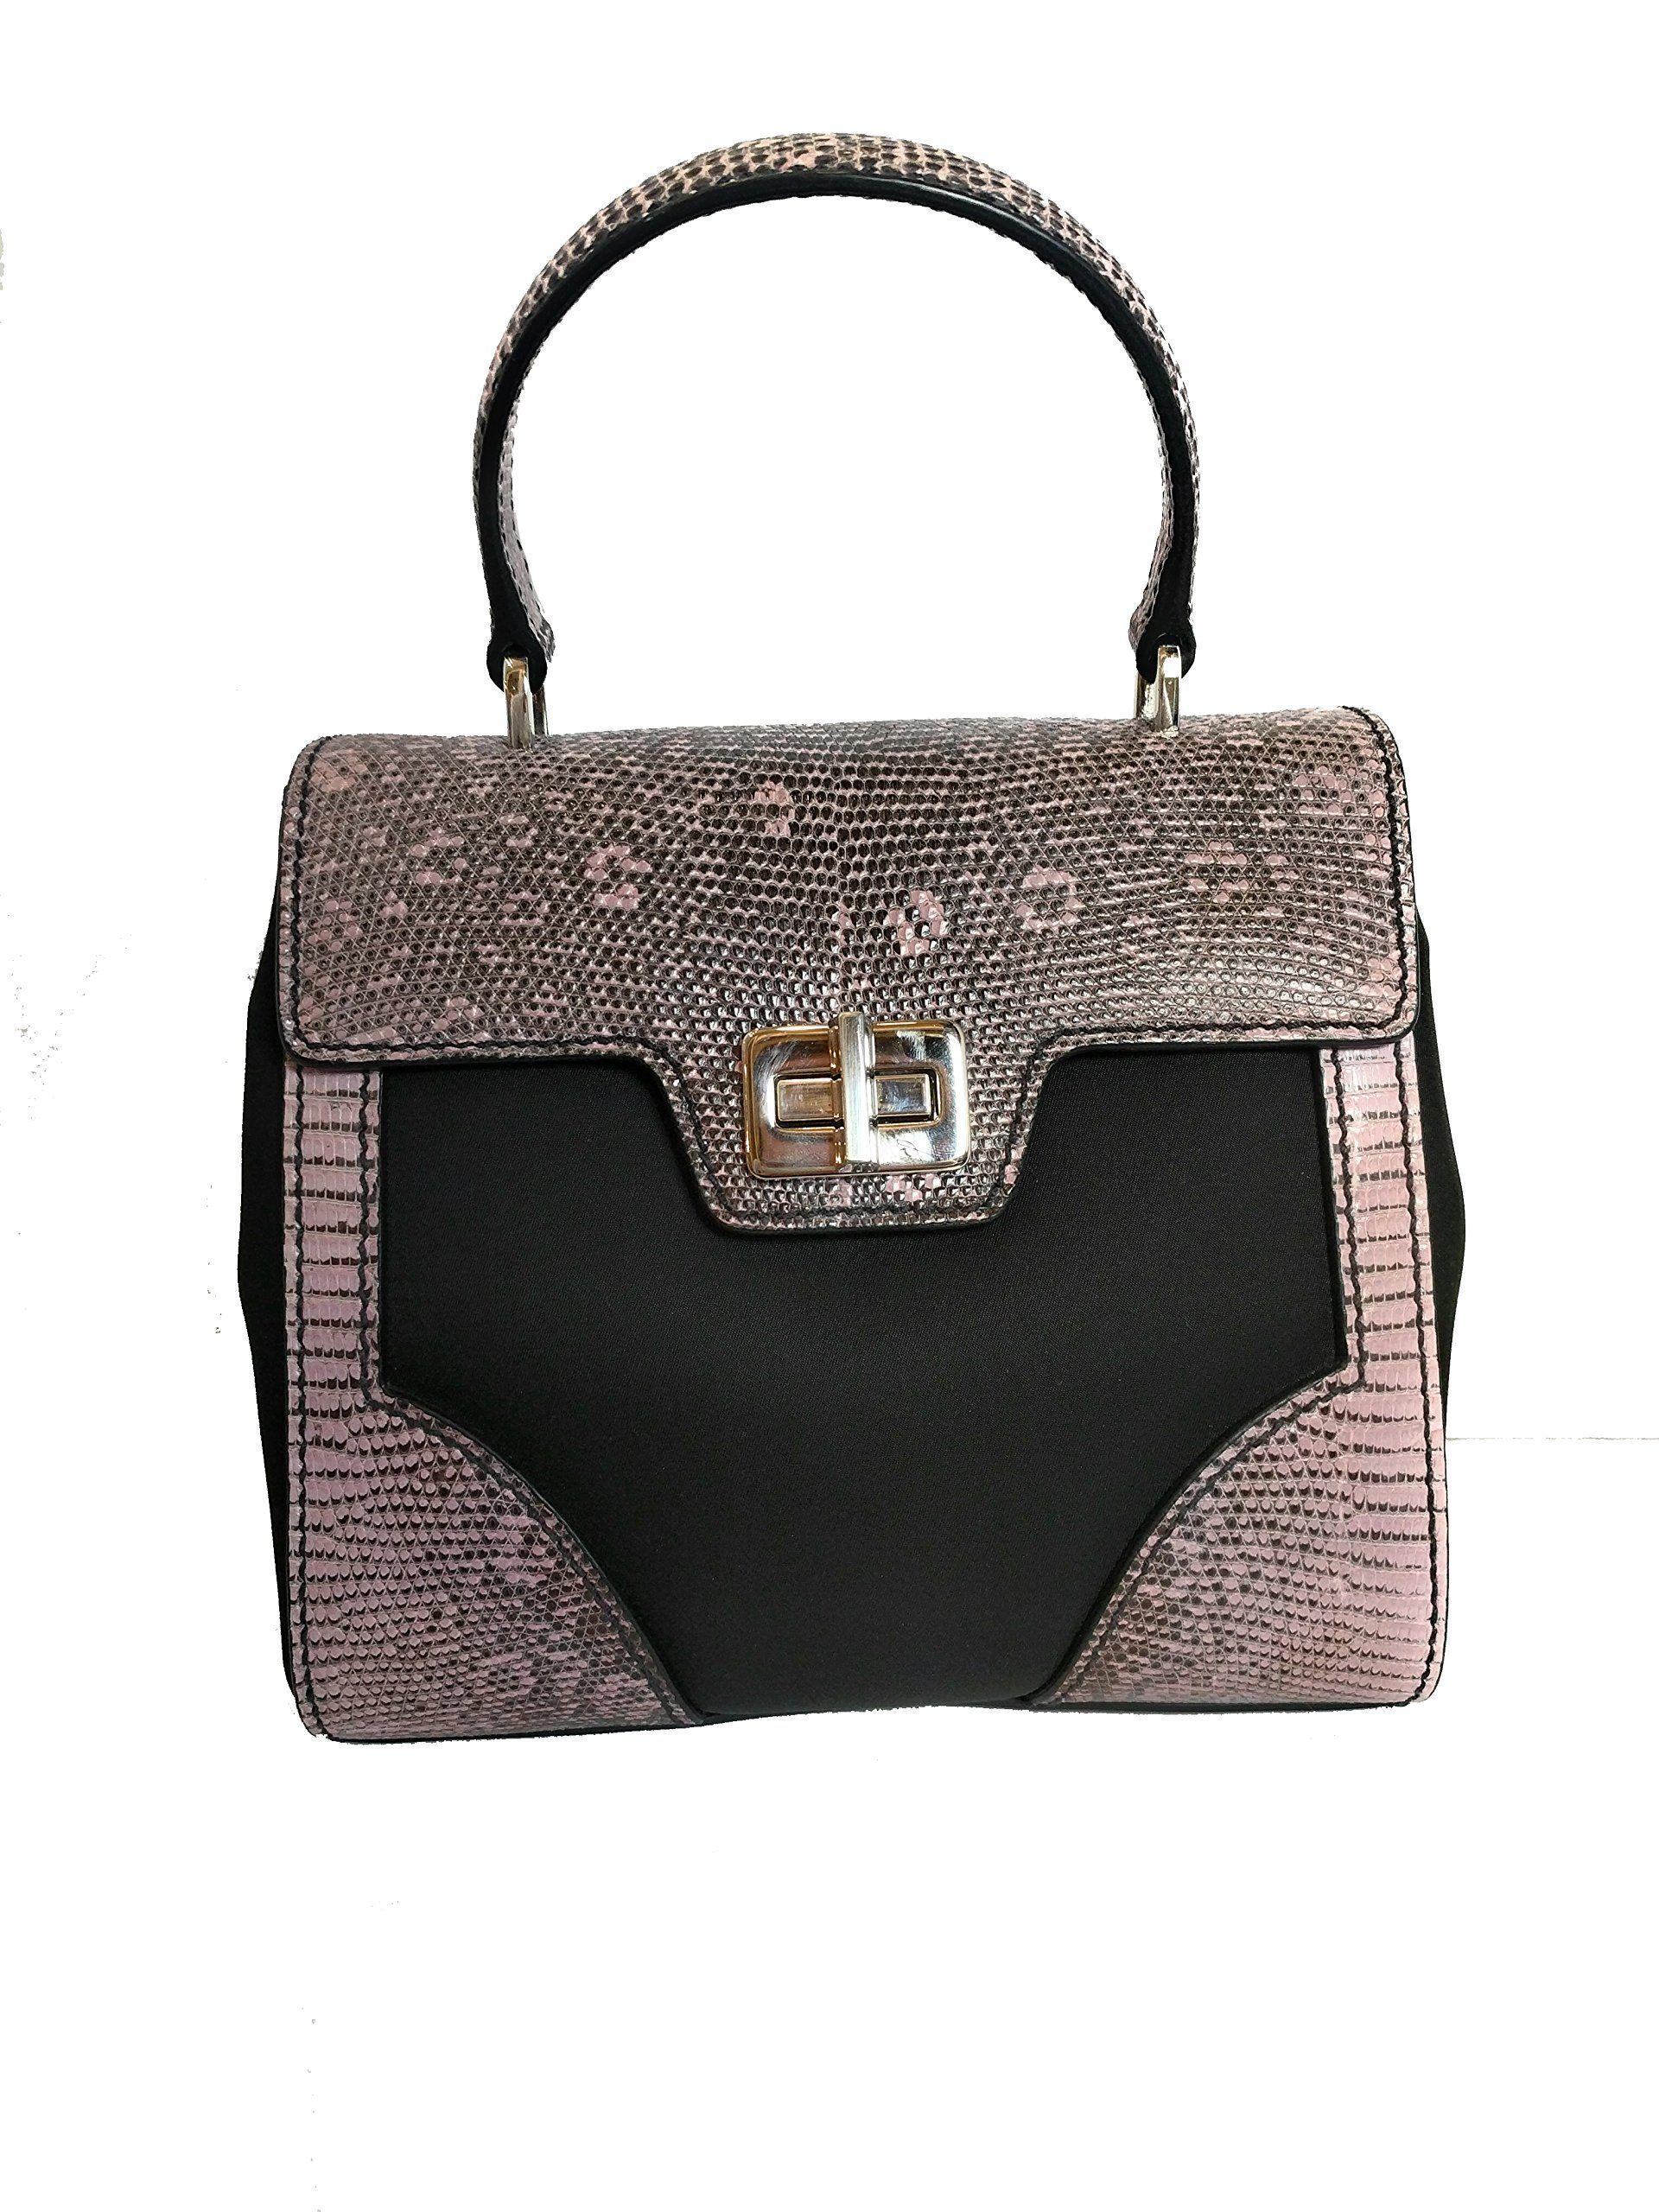 a12e9e247399 Handbags On Sale, Purses And Handbags, Small Handbags, Hobo Handbags, Prada  Handbags